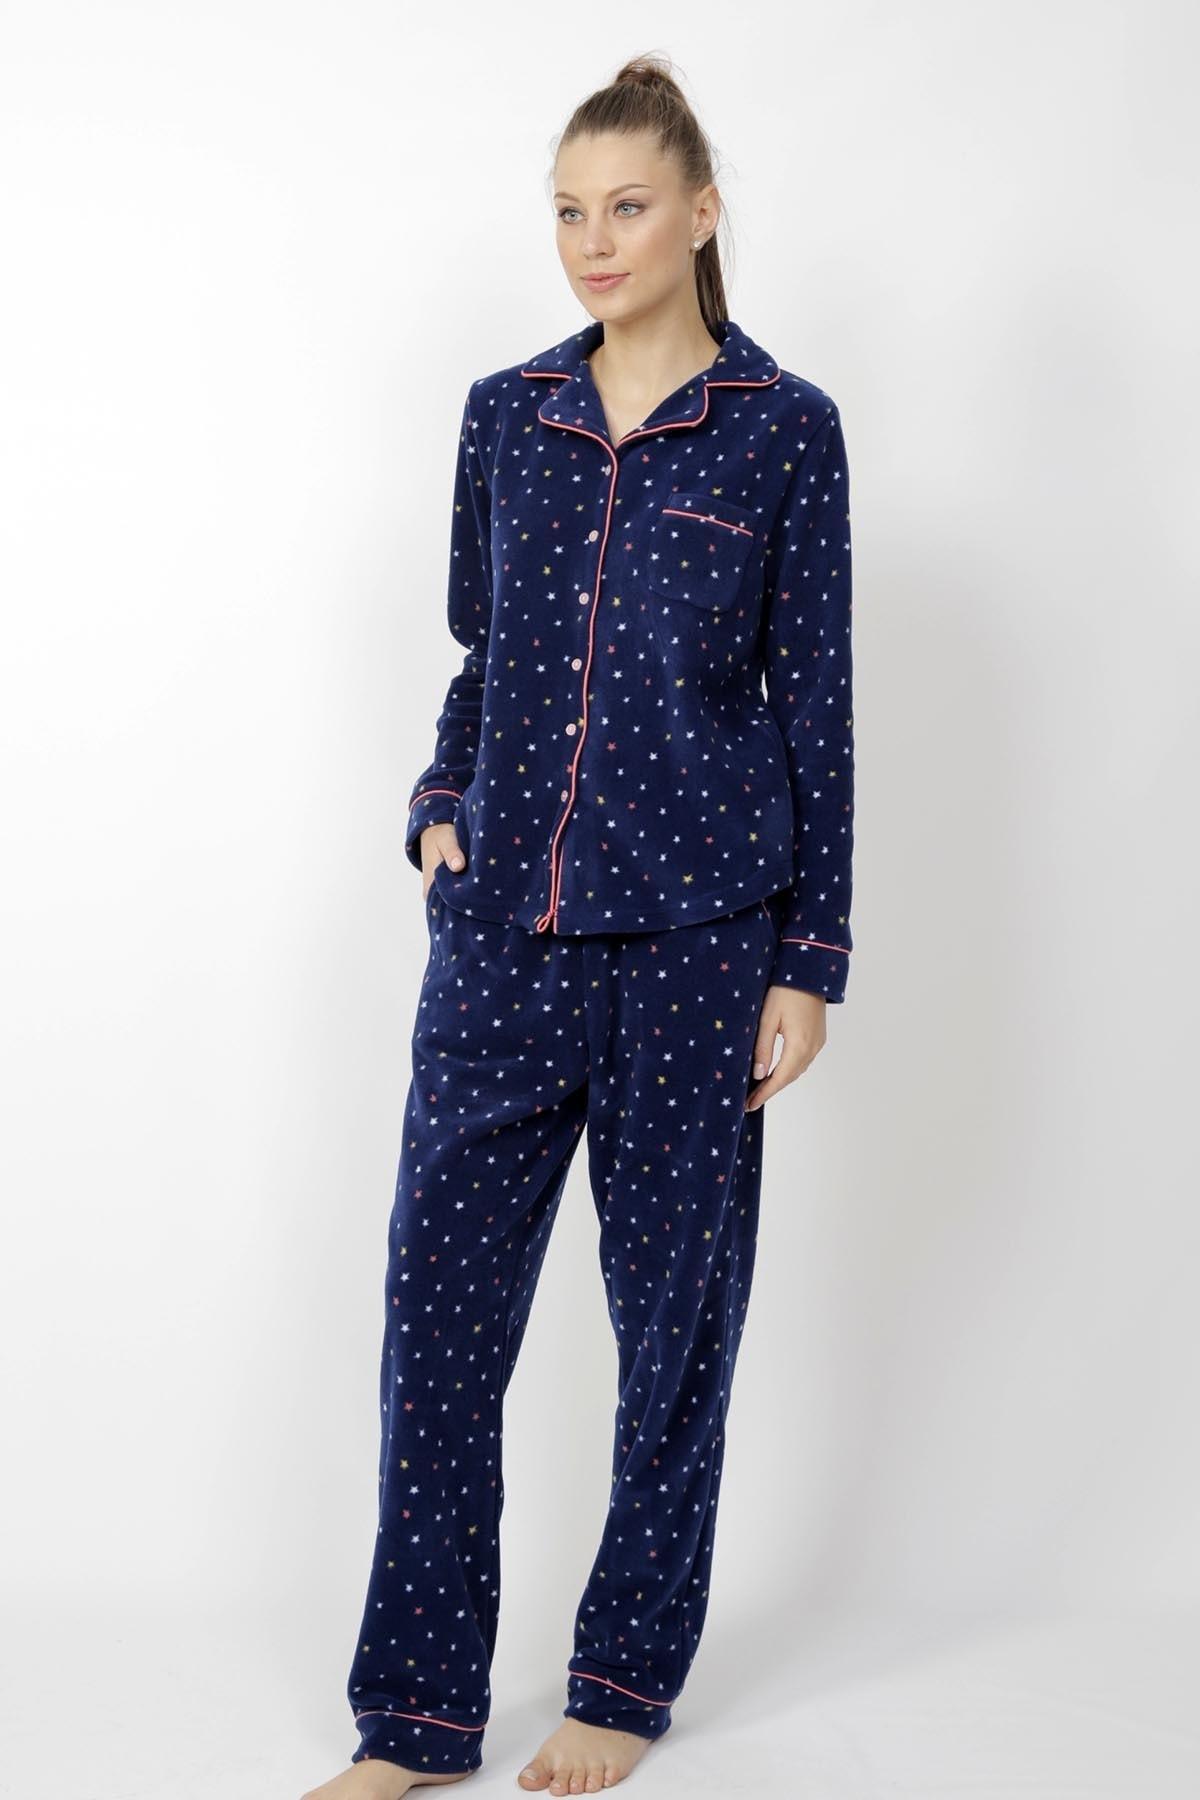 VİENETTA Uzun Kol Polar Yıldız Desenli Gömlek Tarzlı Pijama Takım 1